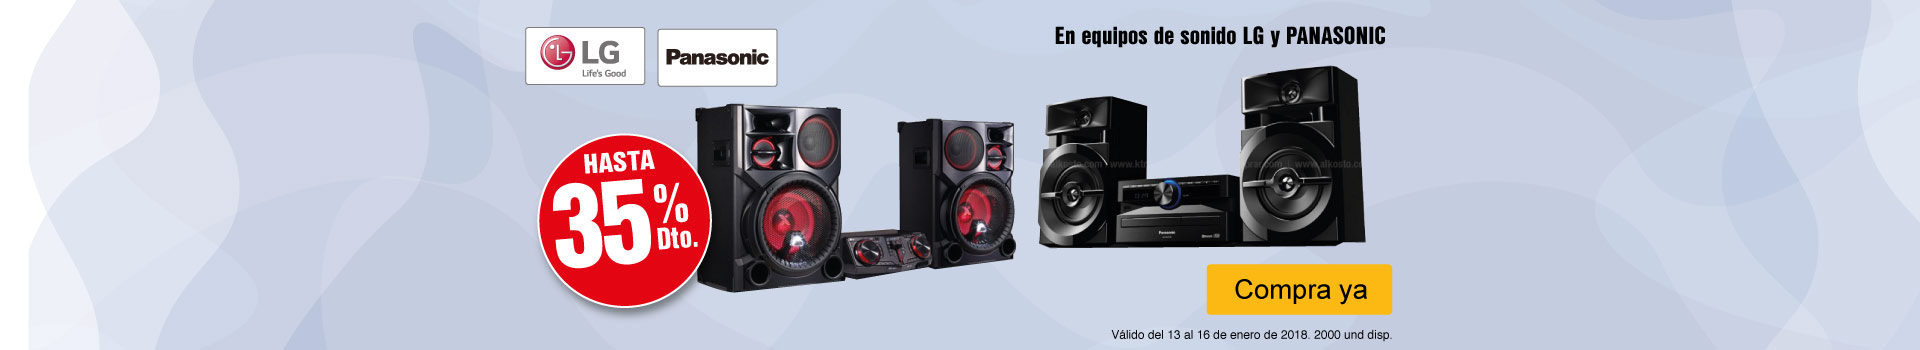 CAT-AK-2-AUDIO-HASTA-35%-DCTO-EN-EQUIPOS-DE-SONIDO-LG-Y-PANASONIC-CAT-13-16-ENERO